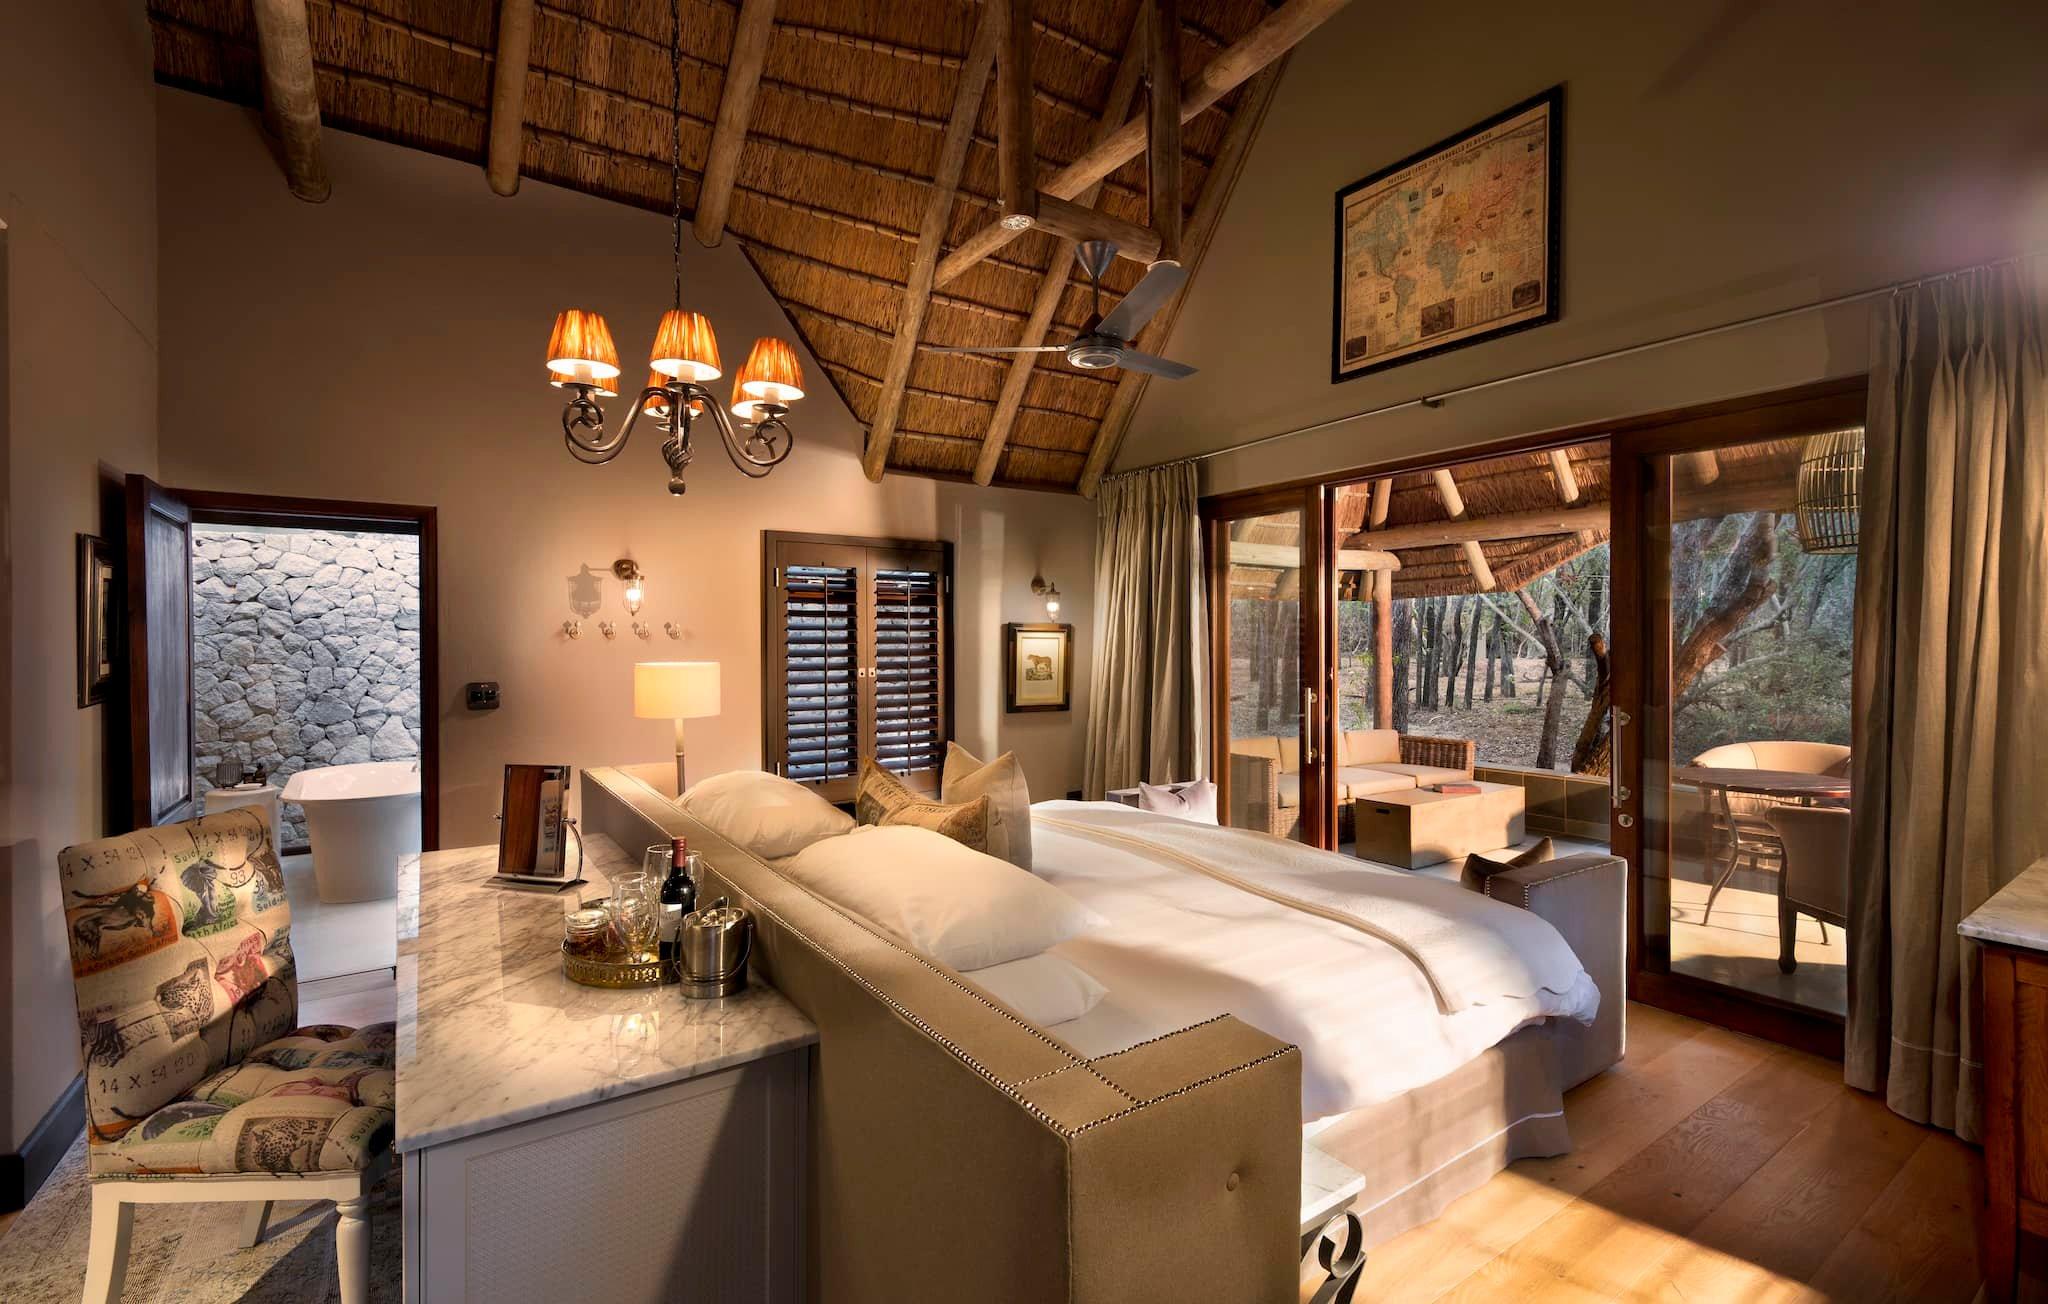 andBeyond-ngala-safari-lodge-interior-cottage-bedroom-01.jpeg